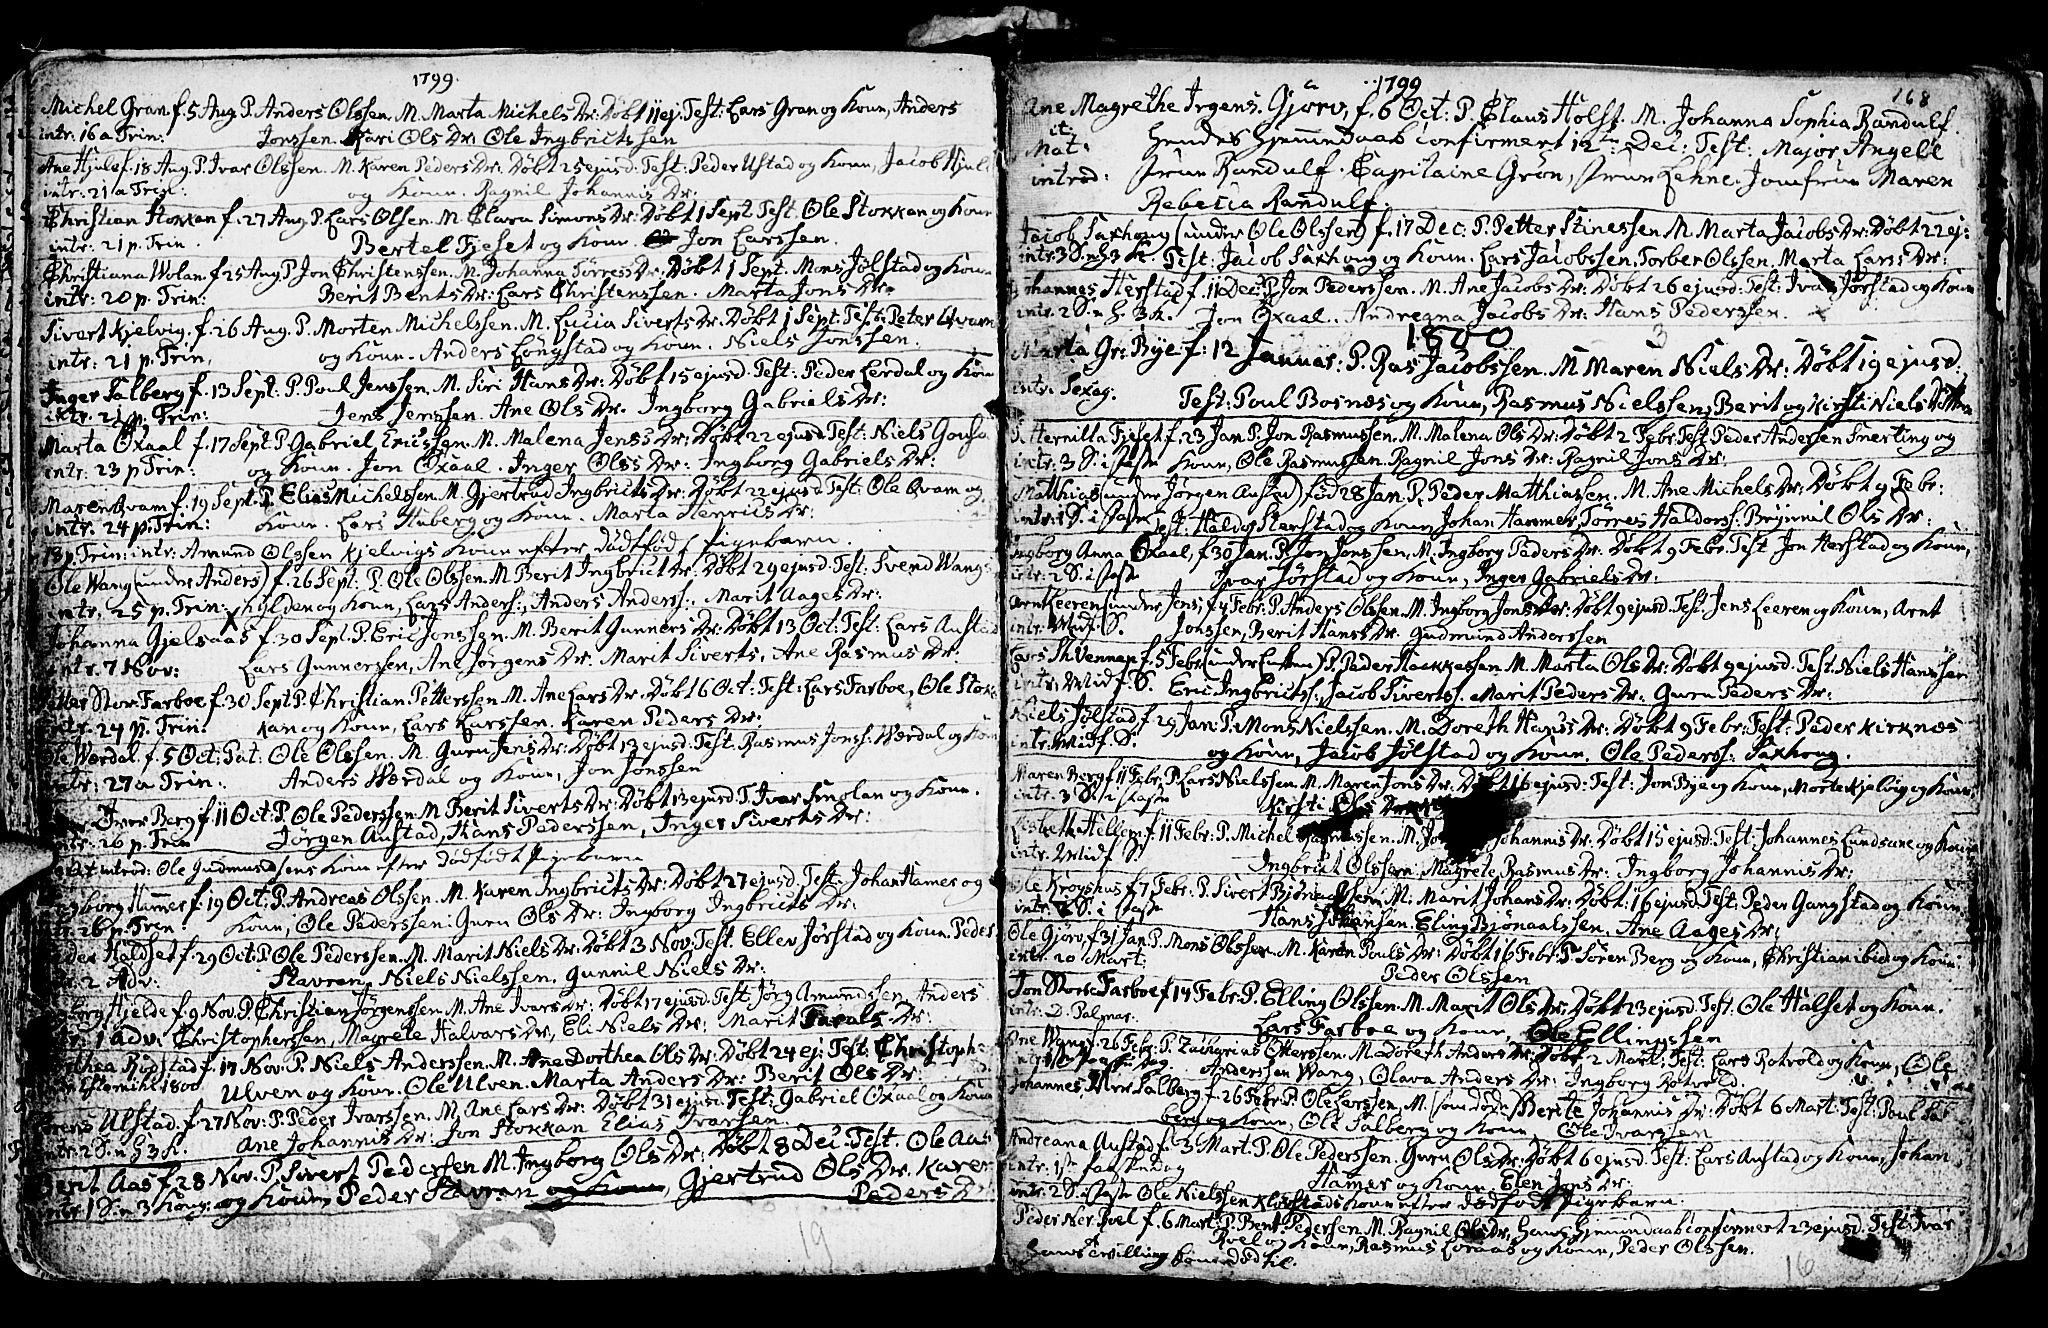 SAT, Ministerialprotokoller, klokkerbøker og fødselsregistre - Nord-Trøndelag, 730/L0273: Ministerialbok nr. 730A02, 1762-1802, s. 168